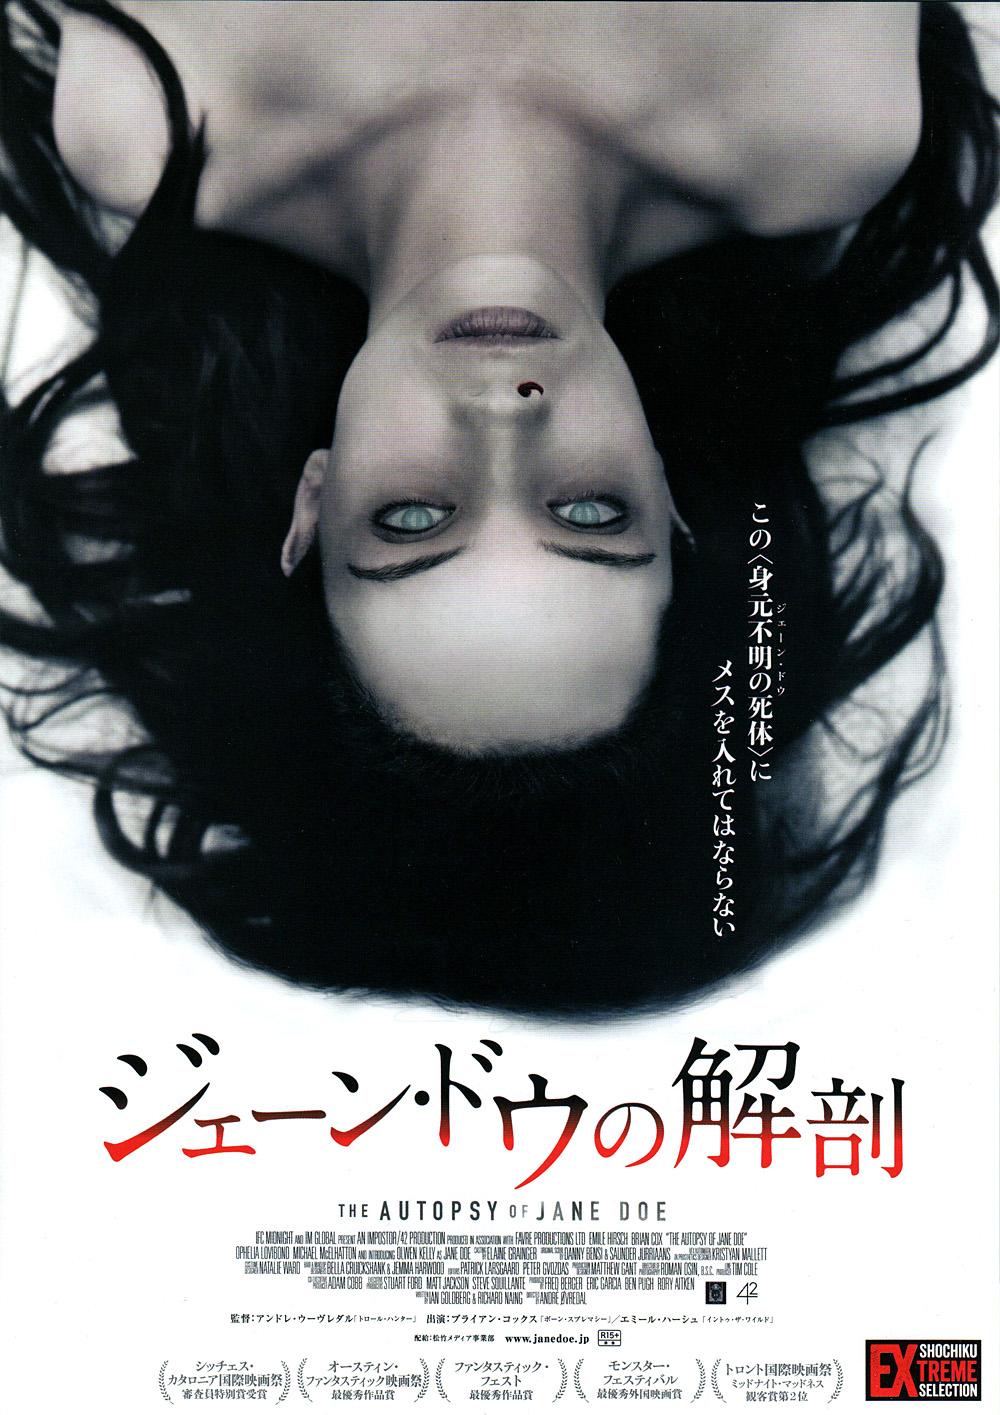 autopsyofjanedoe-japan-1